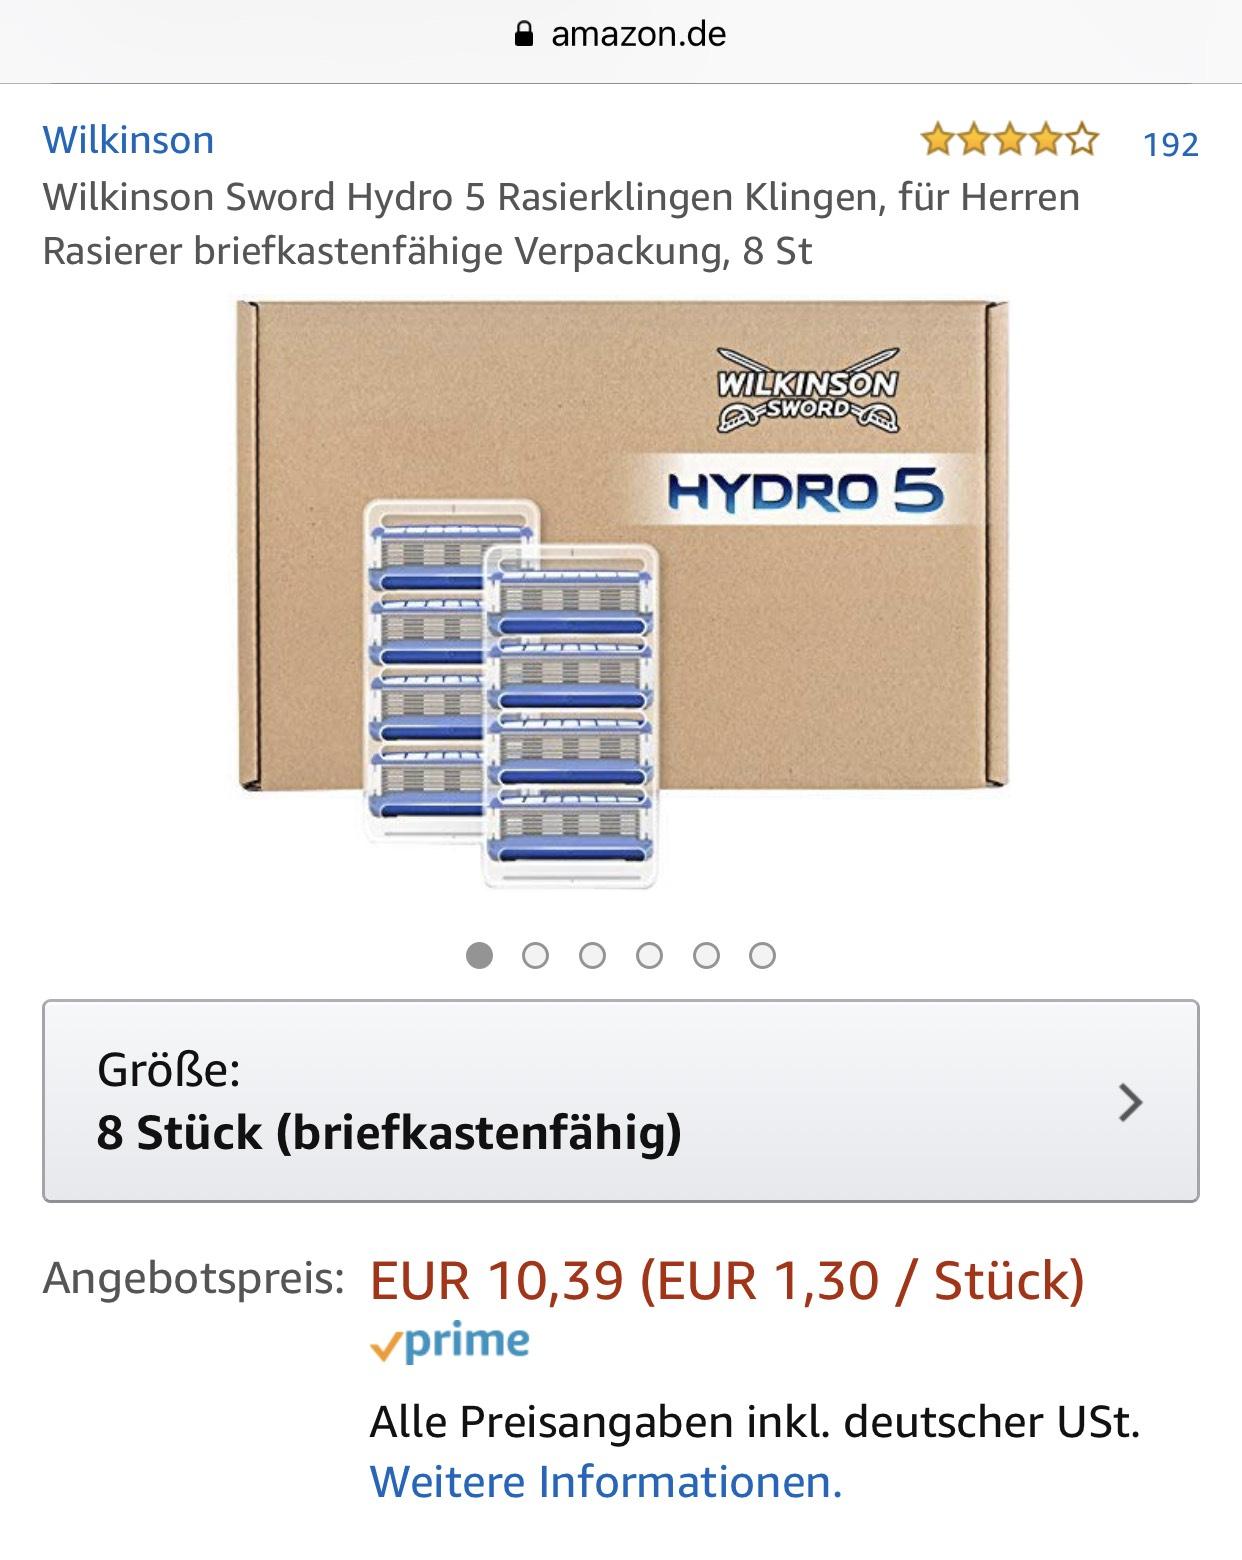 [Amazon] Wilkinson Sword Hydro 5 Rasierklingen 8Stk.